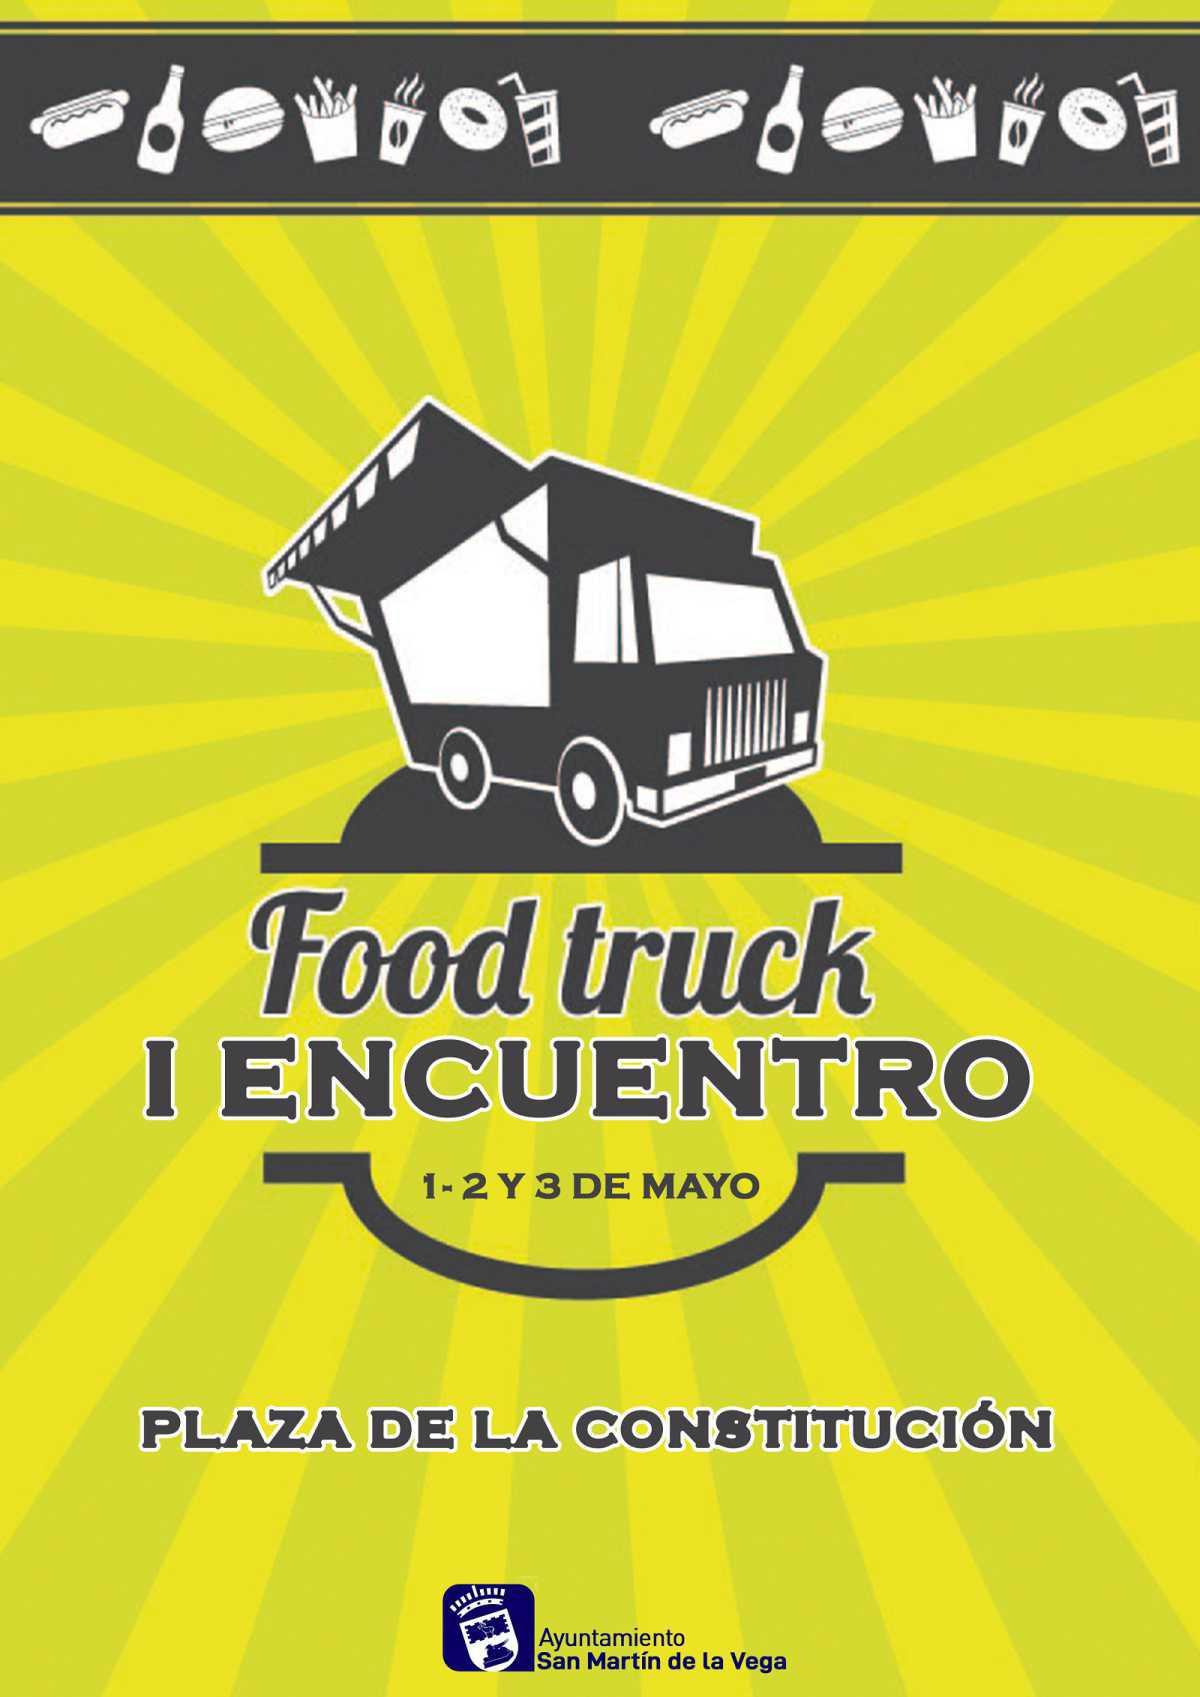 San Martín de la Vega organiza el I encuentro foodtruck